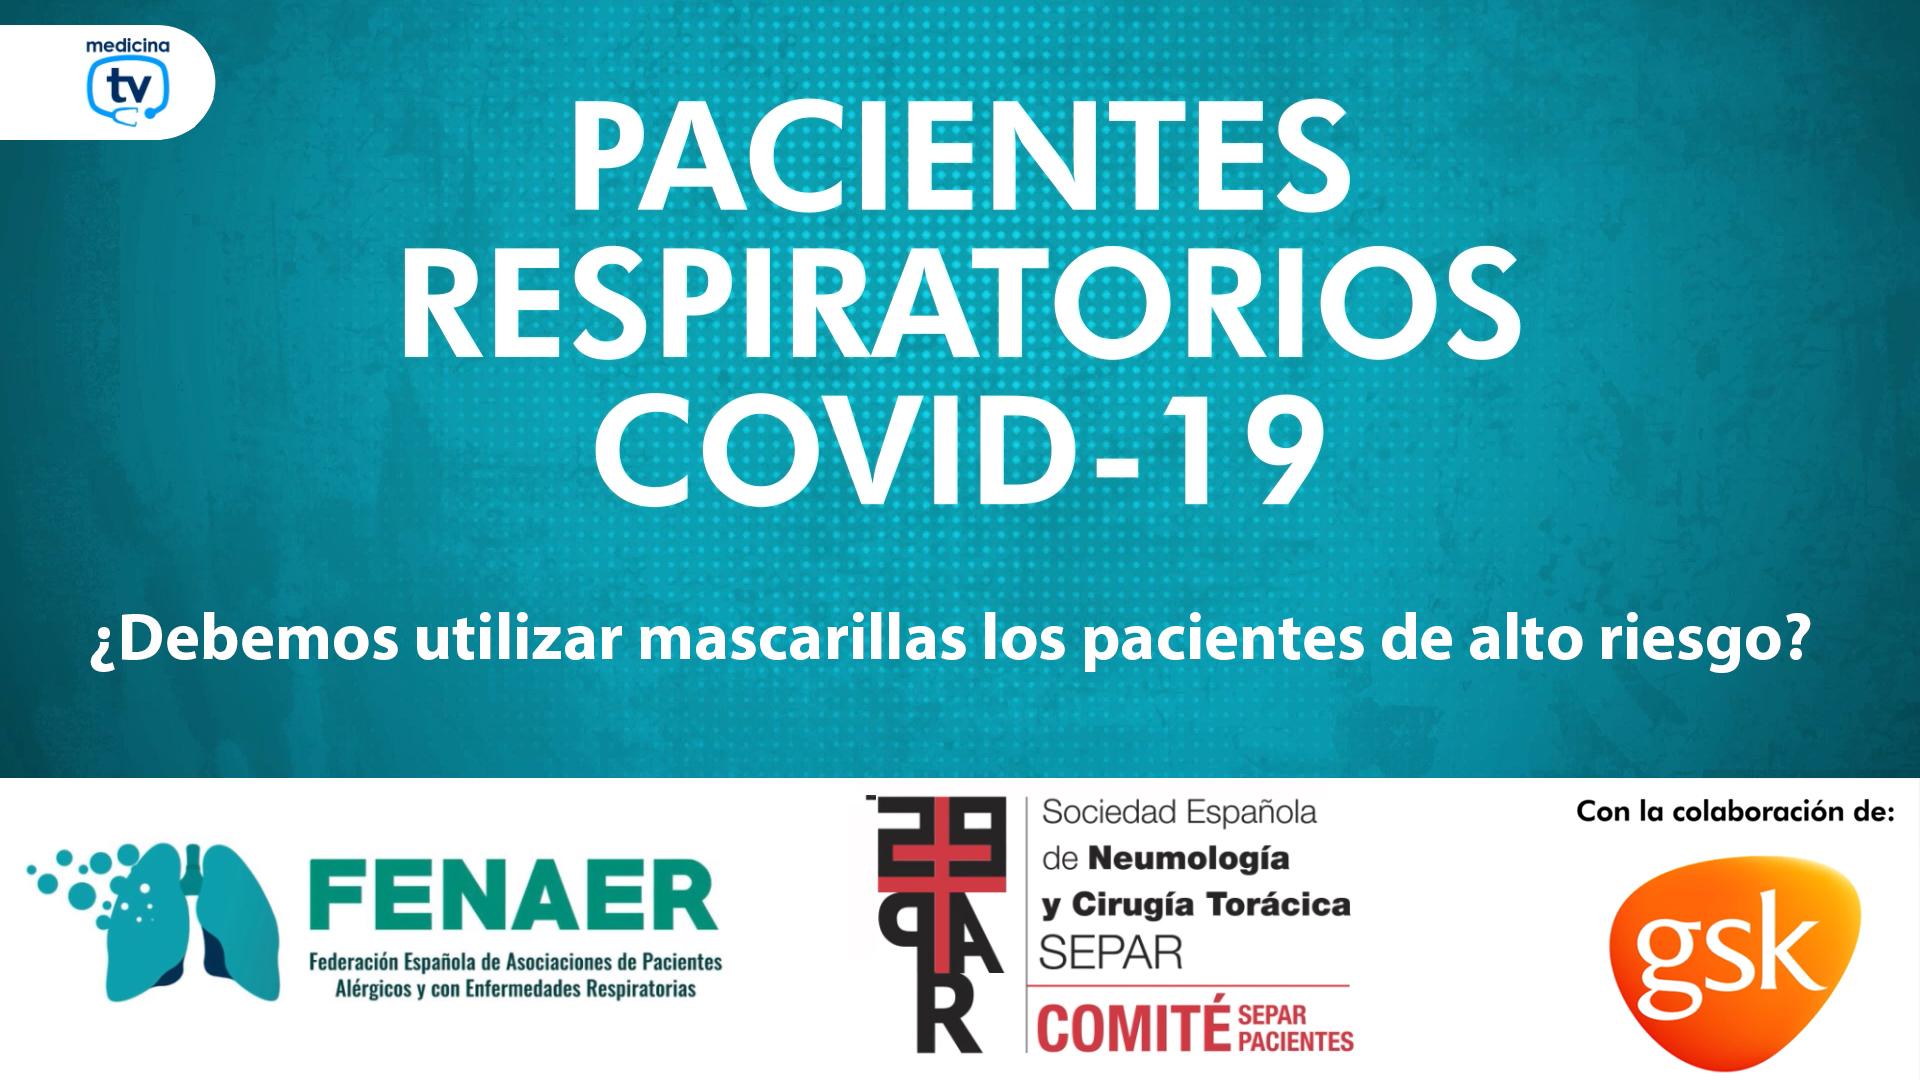 Recomiendan el uso de mascarillas FFP2 a los pacientes con enfermedades respiratorias